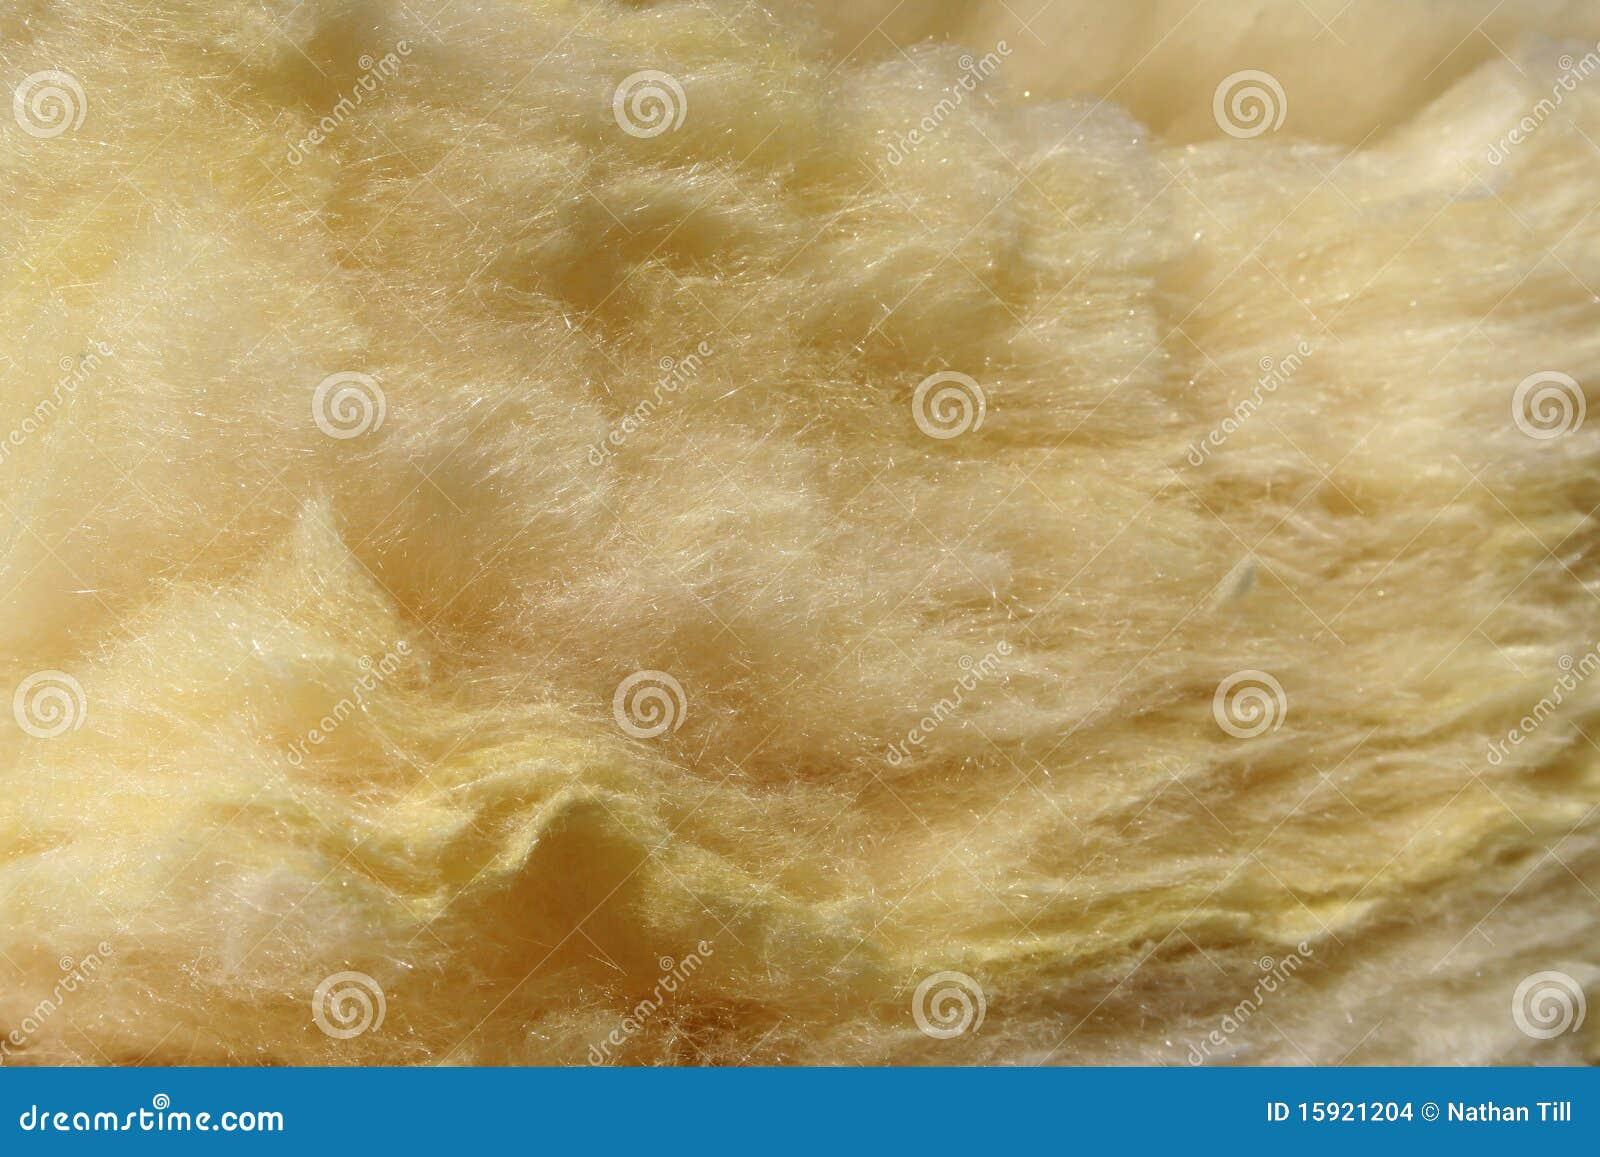 texture d 39 isolation de fibre de verre photo stock image du macro conomie 15921204. Black Bedroom Furniture Sets. Home Design Ideas